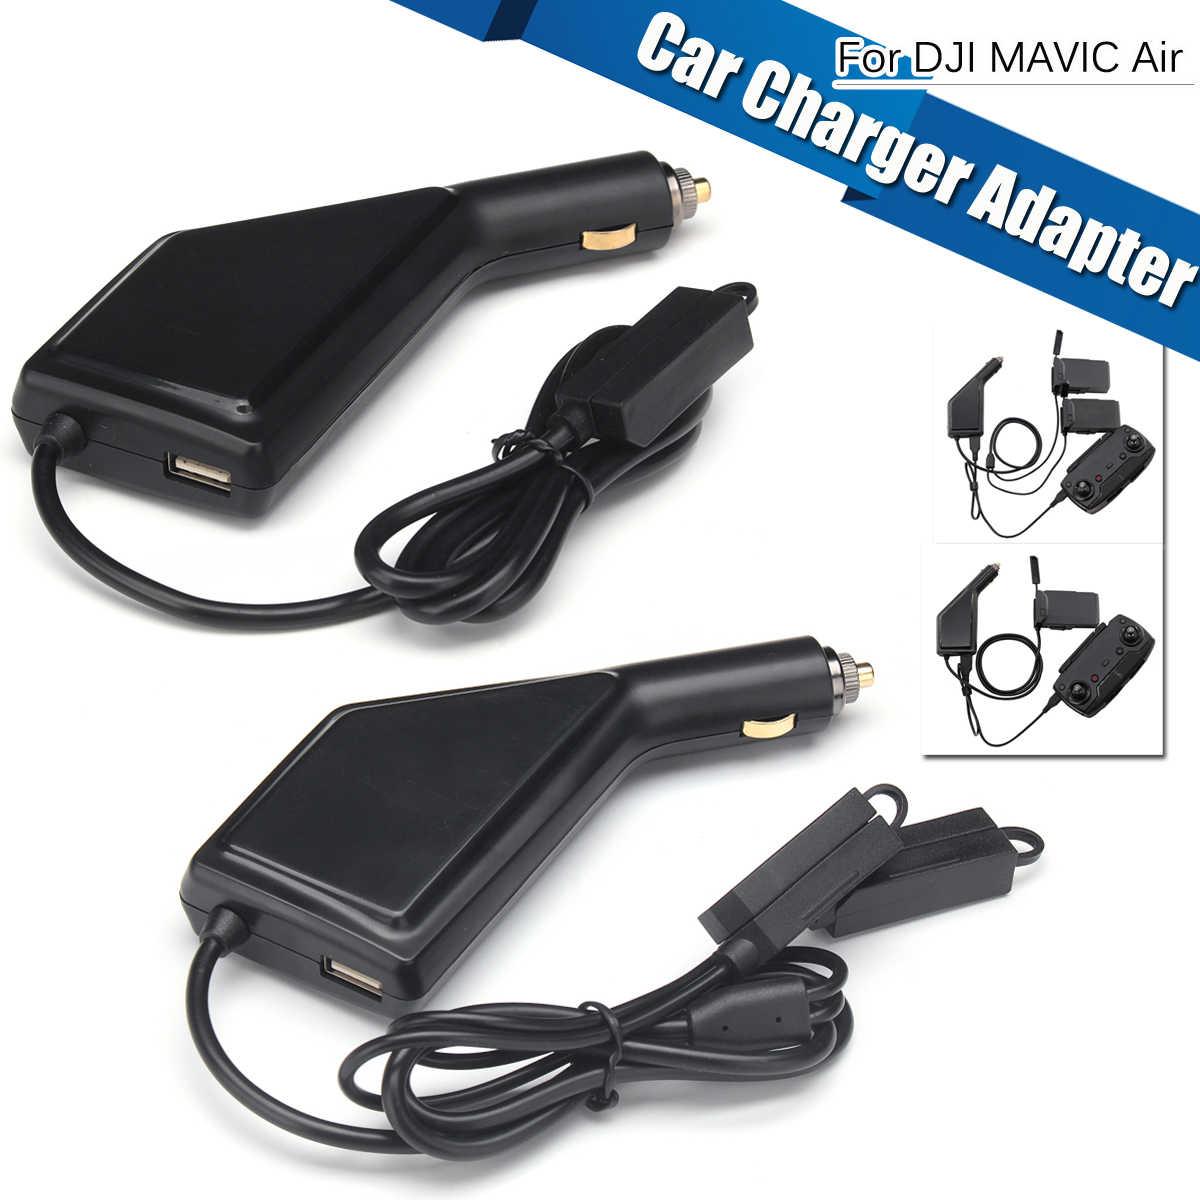 Cargador de coche 3in1 para DJI Mavic Air cargador de batería inteligente Hub Mavic conector de aire adaptador USB cargador de coche de batería múltiple